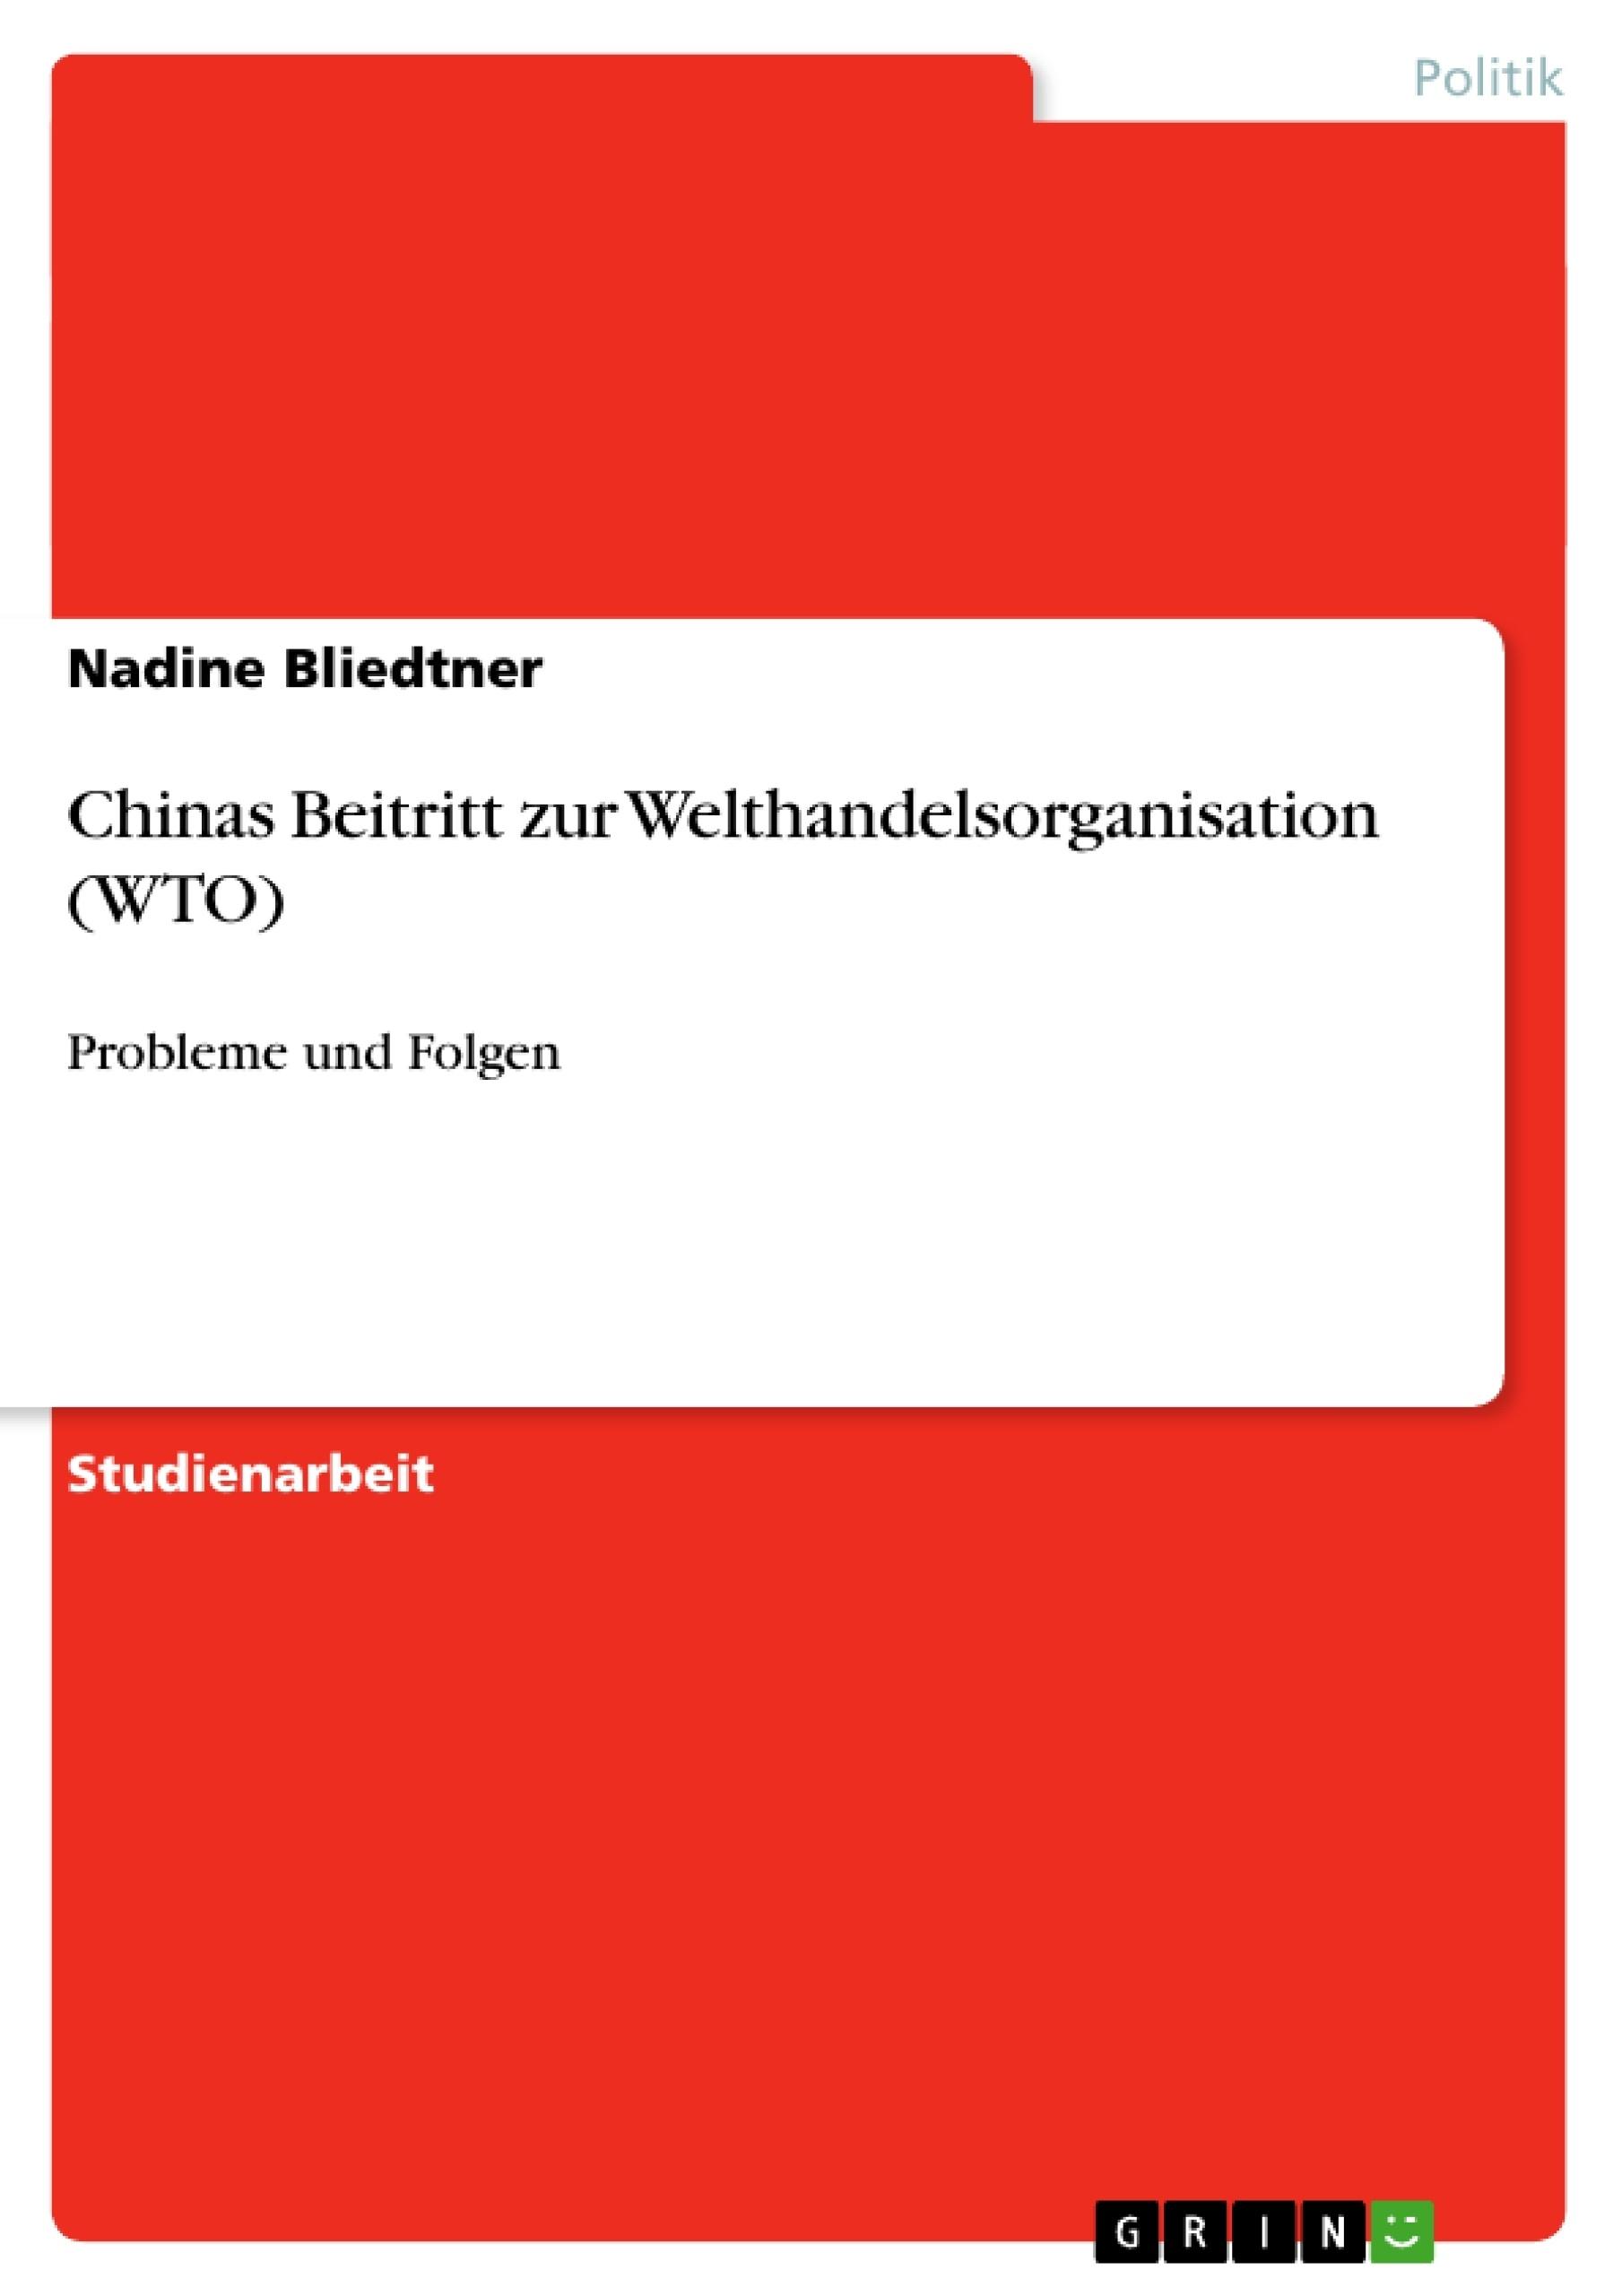 Titel: Chinas Beitritt zur Welthandelsorganisation (WTO)